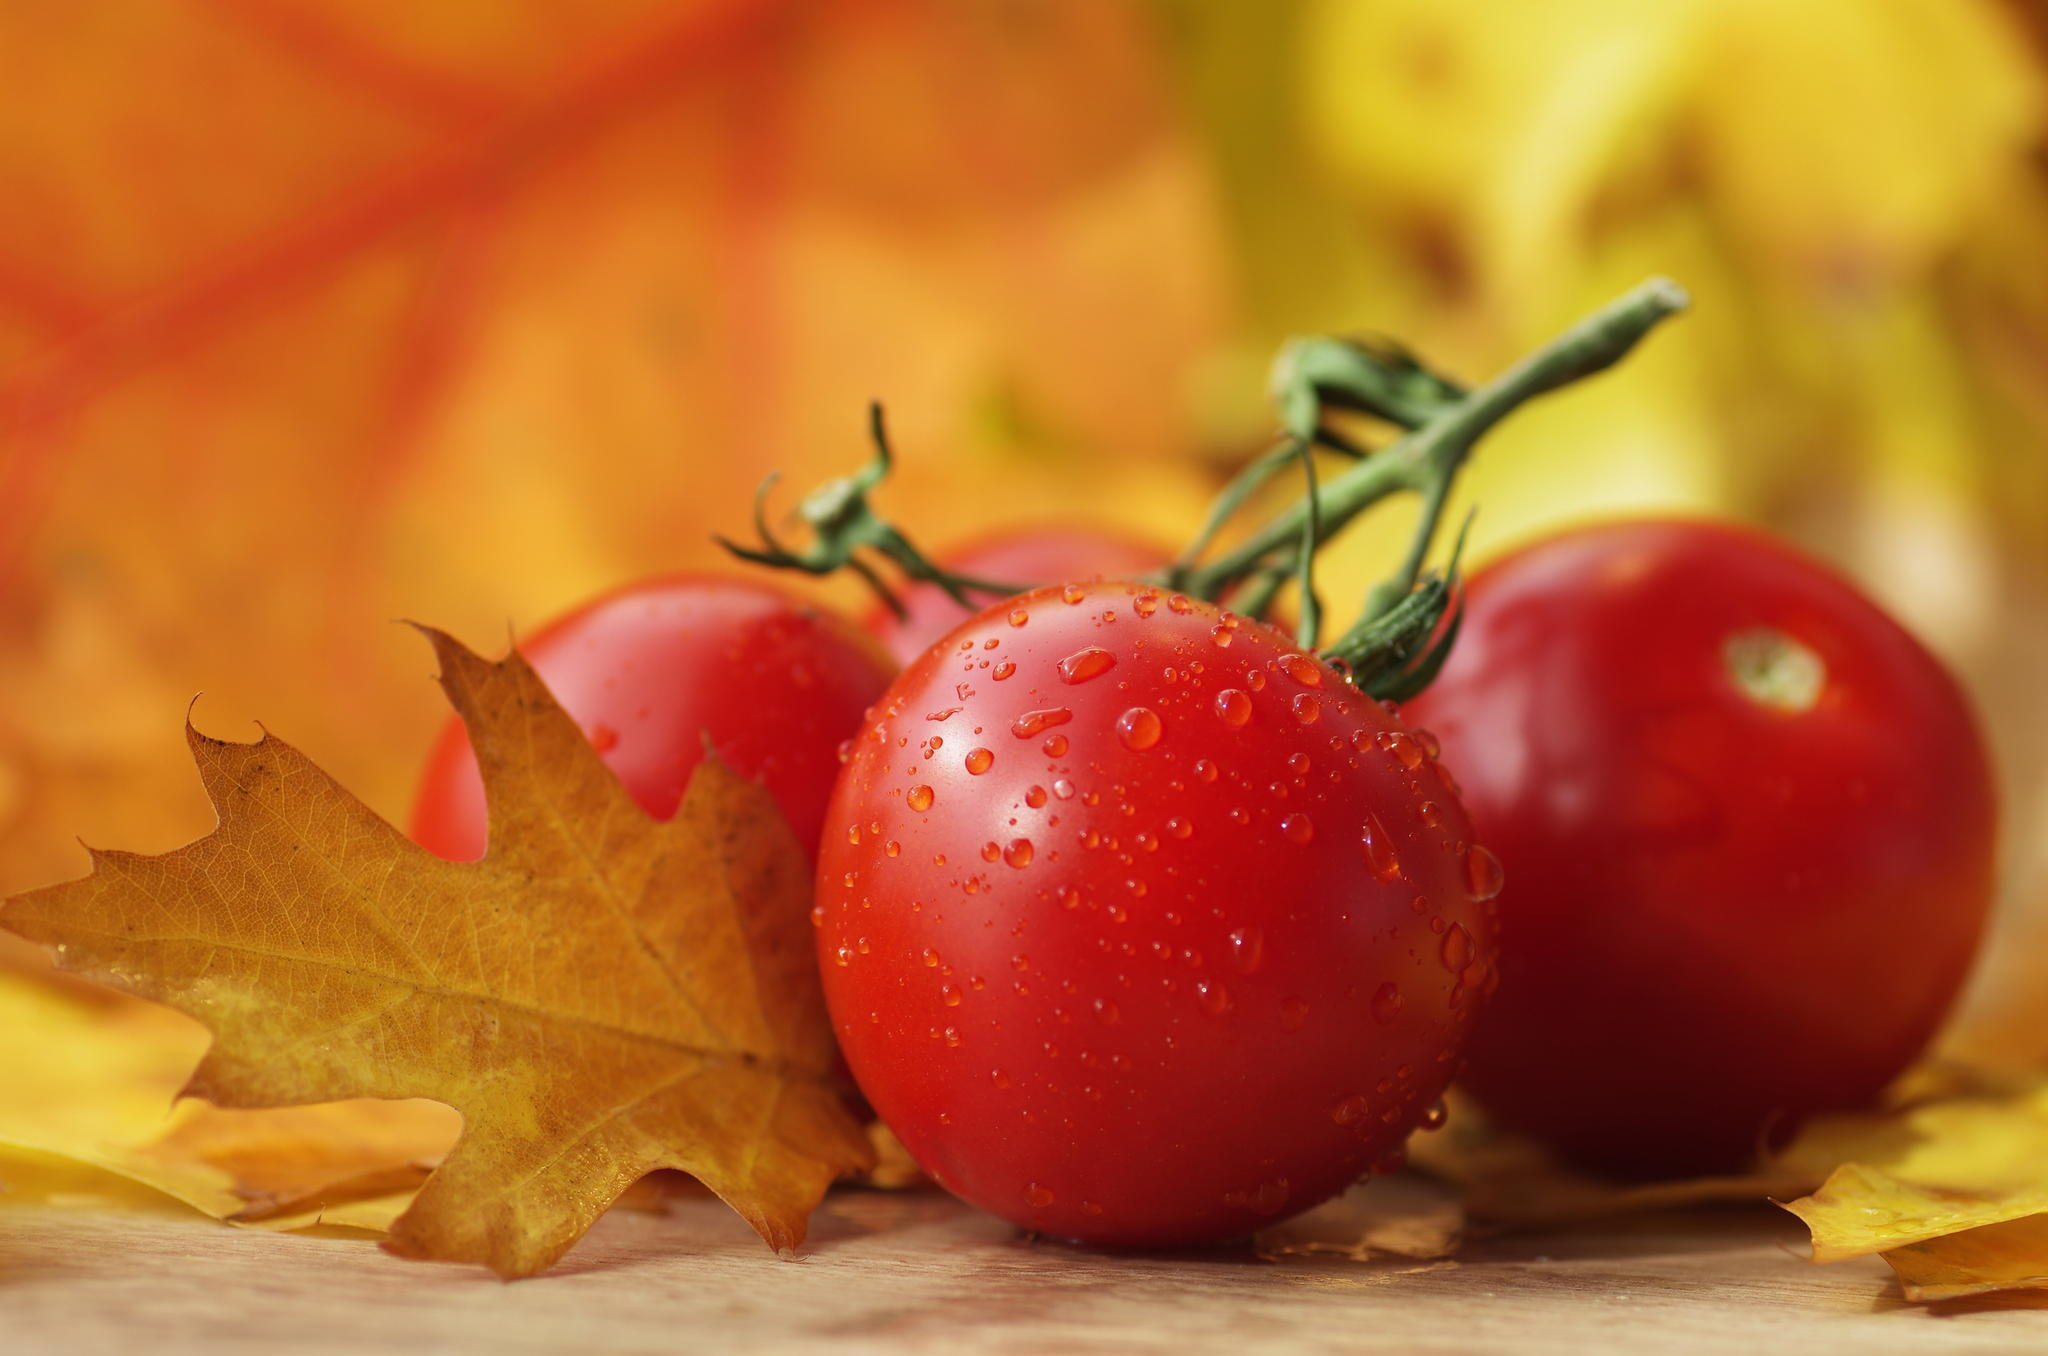 99097 Заставки и Обои Овощи на телефон. Скачать Еда, Овощи, Капли, Томаты картинки бесплатно